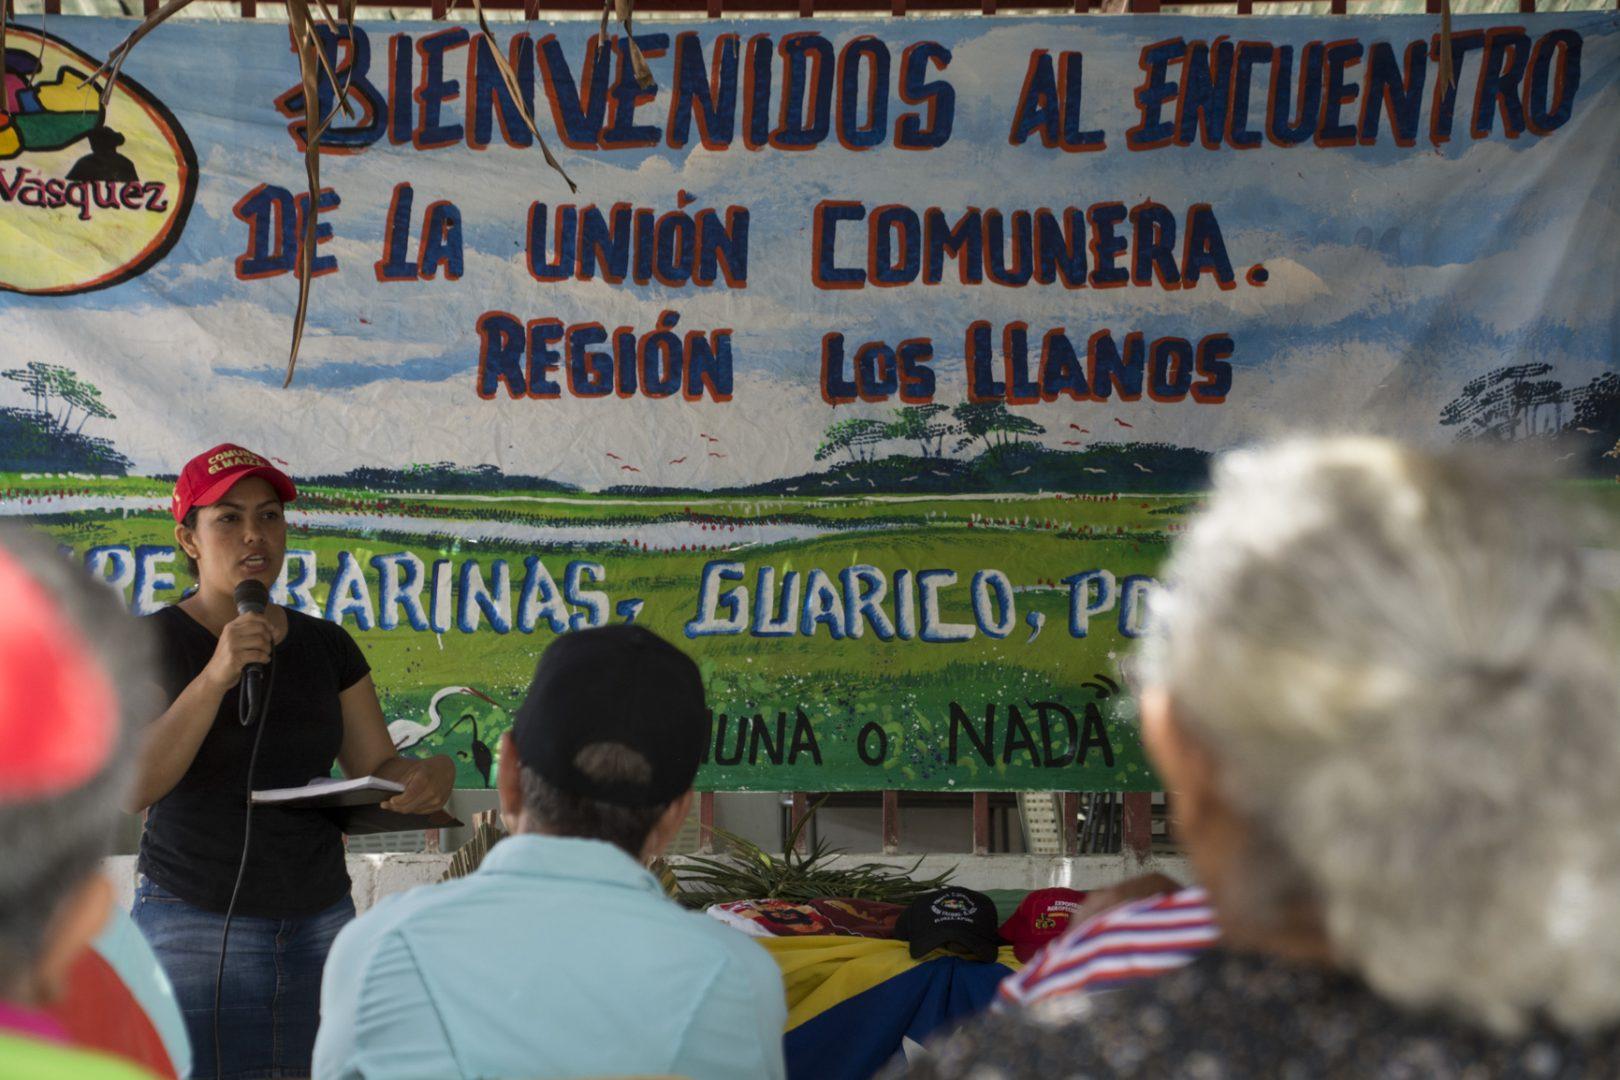 Portada Tatuy Unión Comunera Llanos